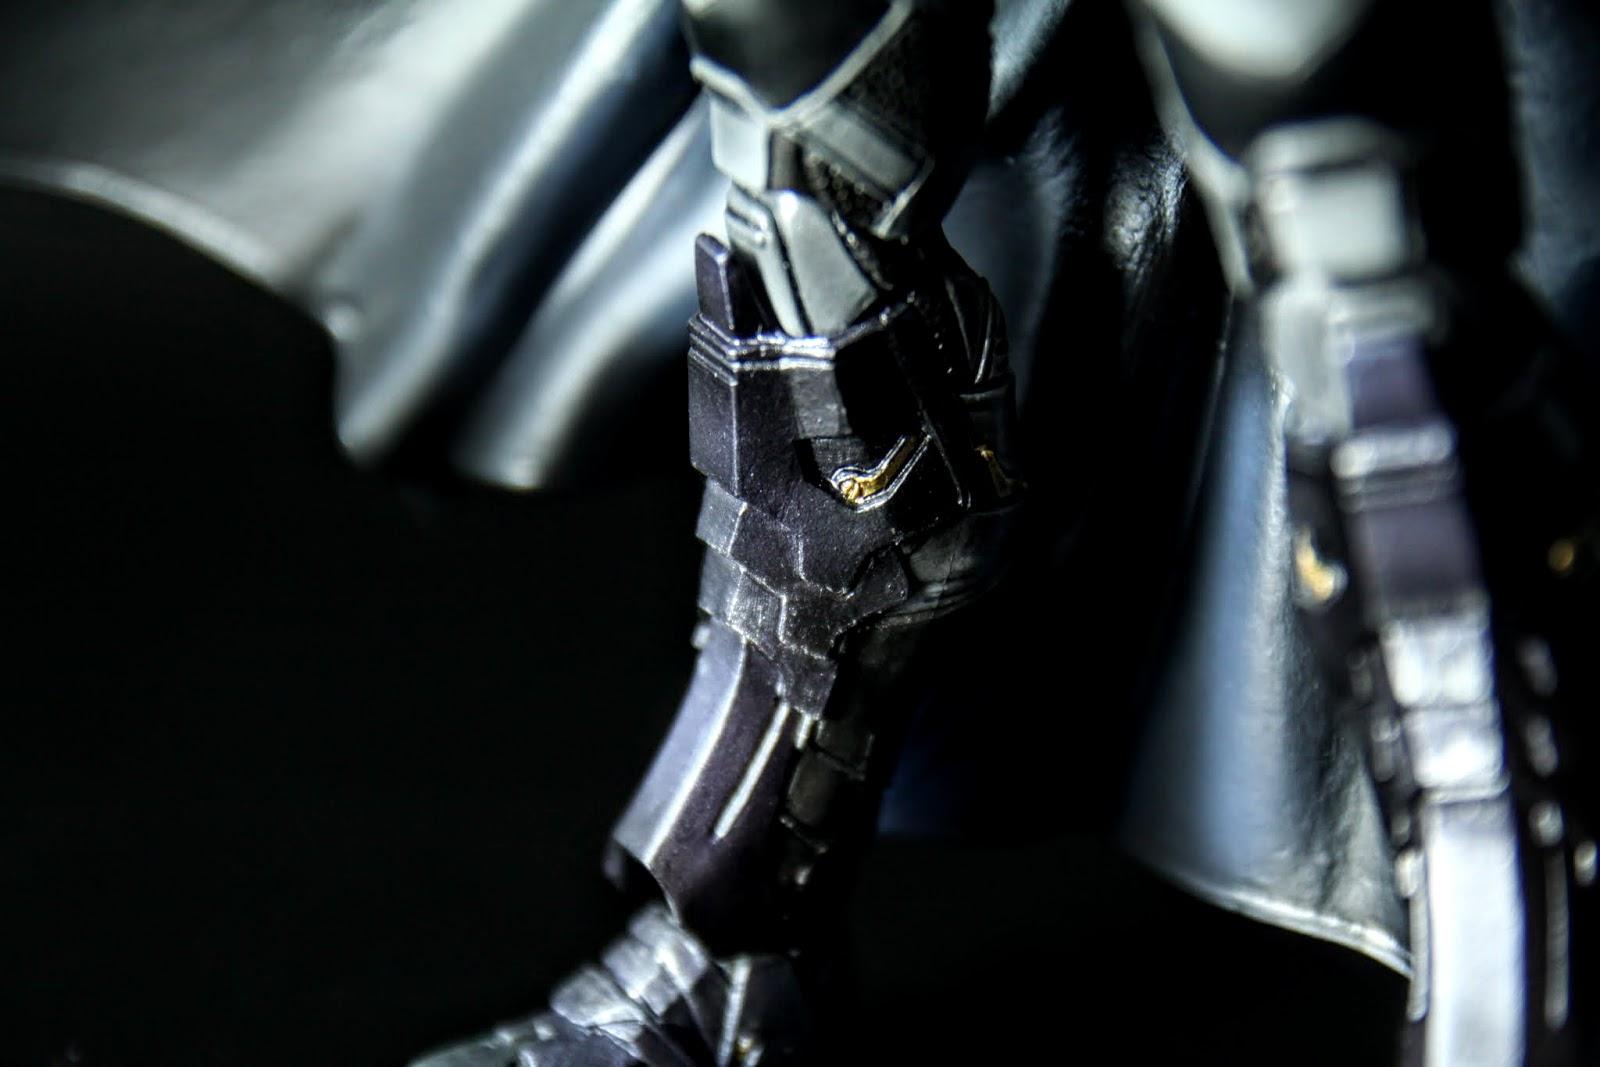 腳的裝甲也很仔細, 內層的金屬片也塗裝的算OK, 溢色一點點